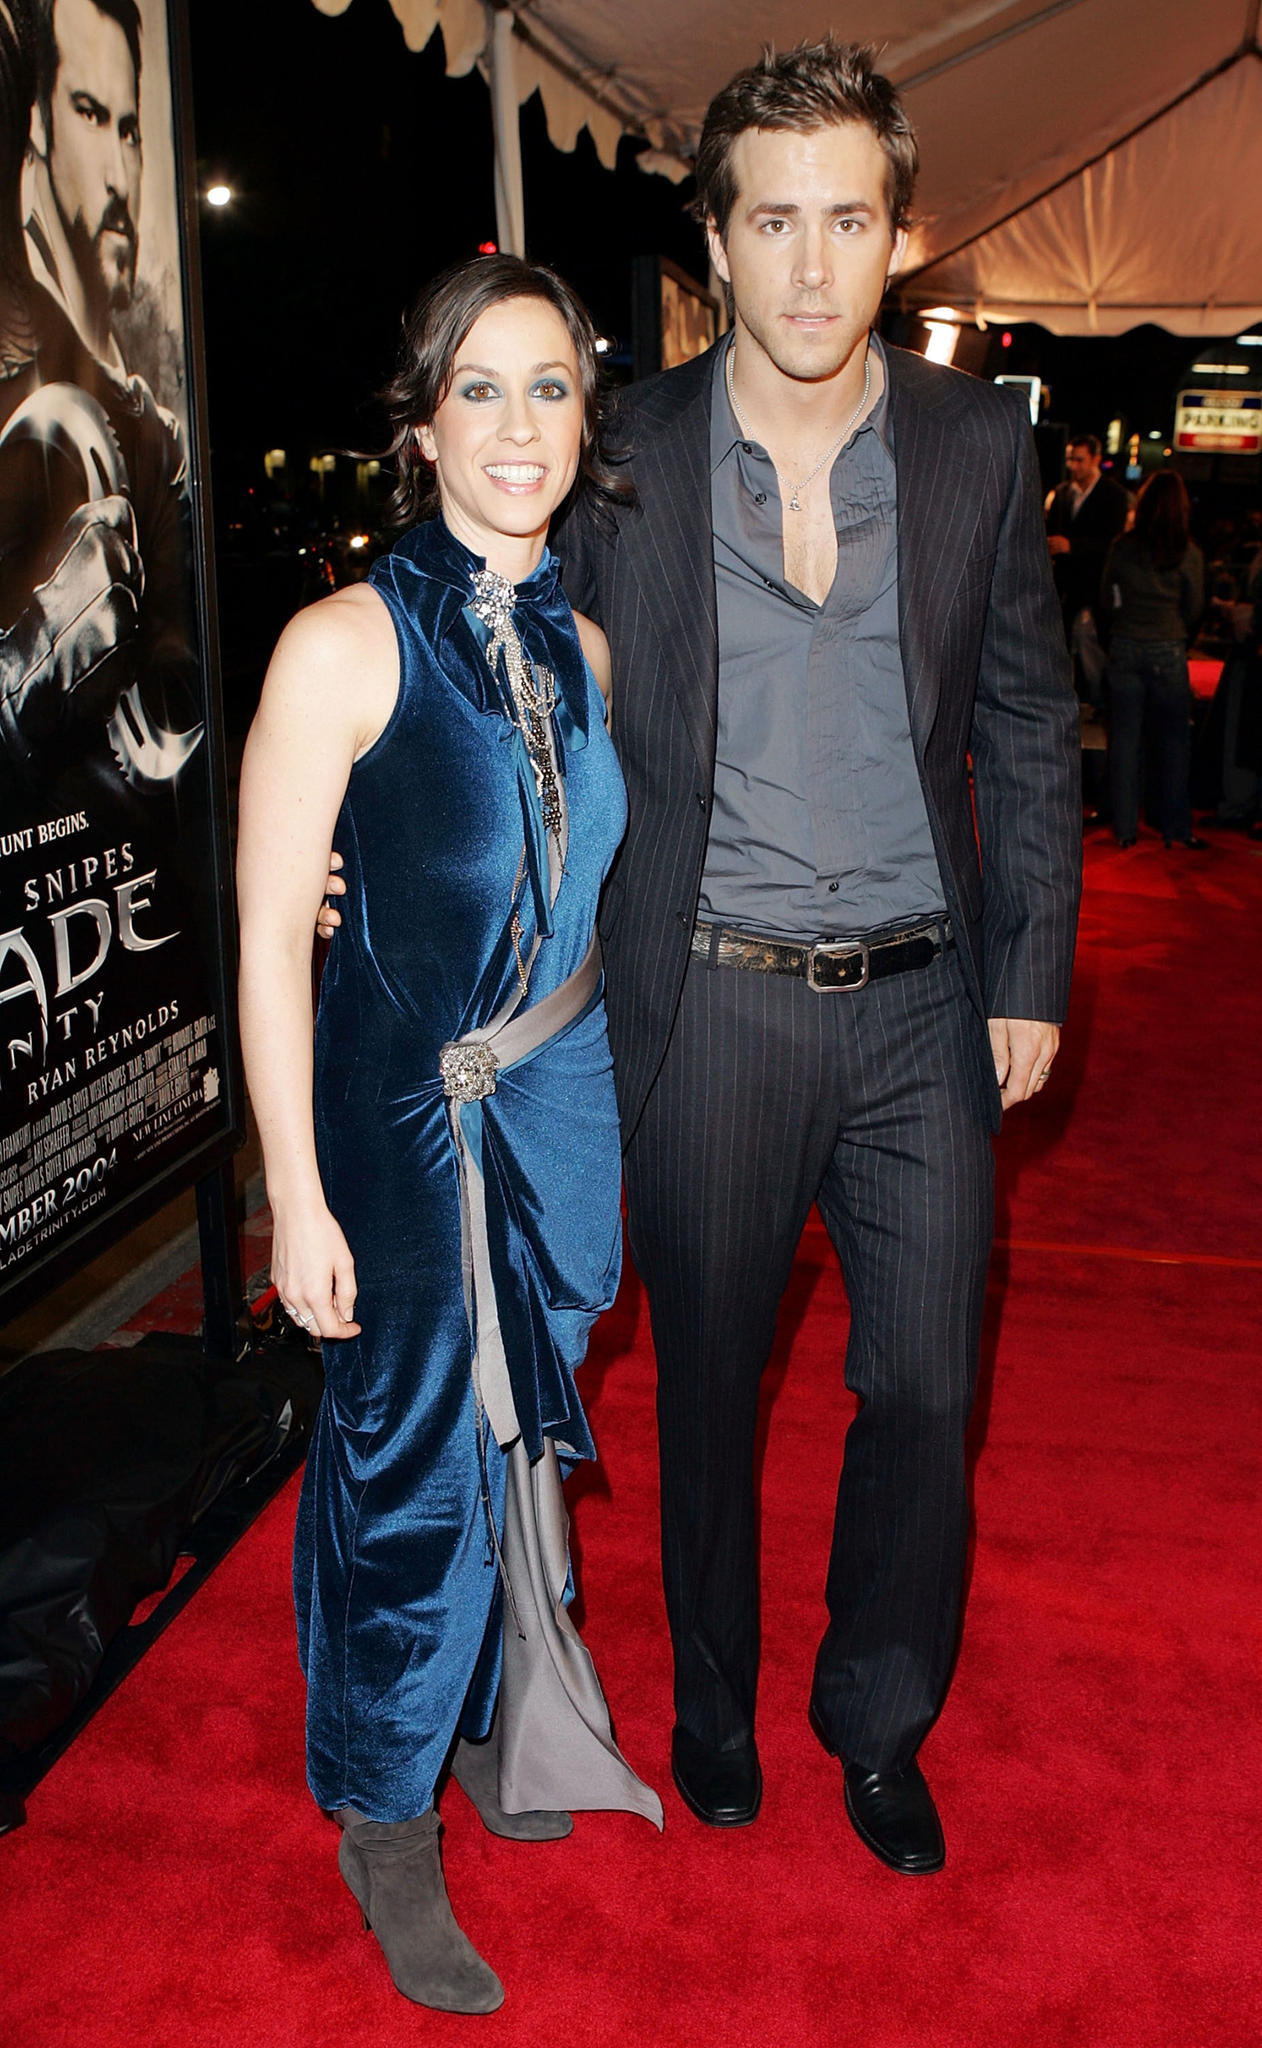 Von 2002 bis 2007 war Ryan Reynolds schwer in Sängerin Alanis Morissette verliebt.